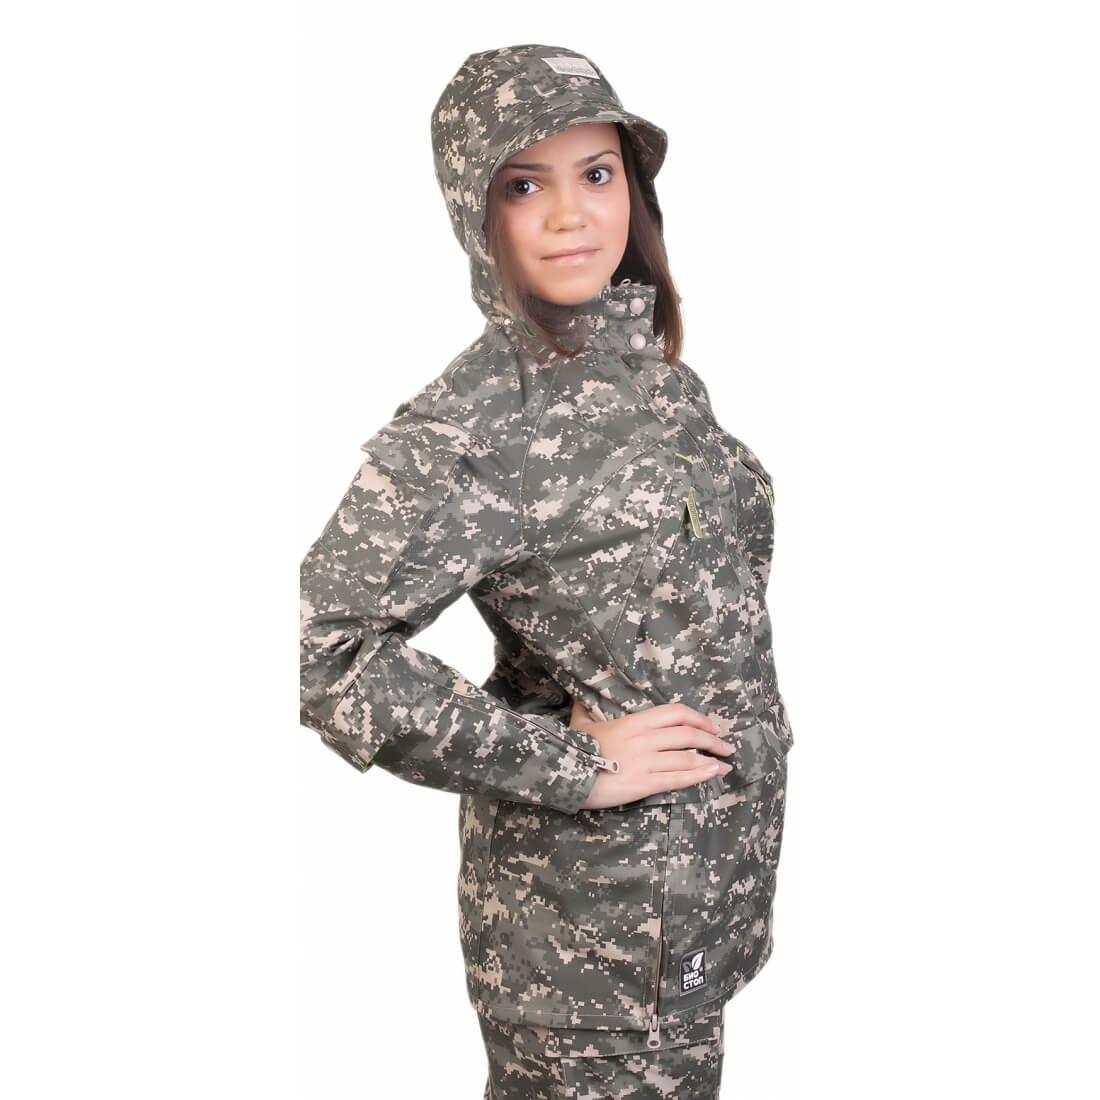 Детский костюм Биостоп® для старшеклассников